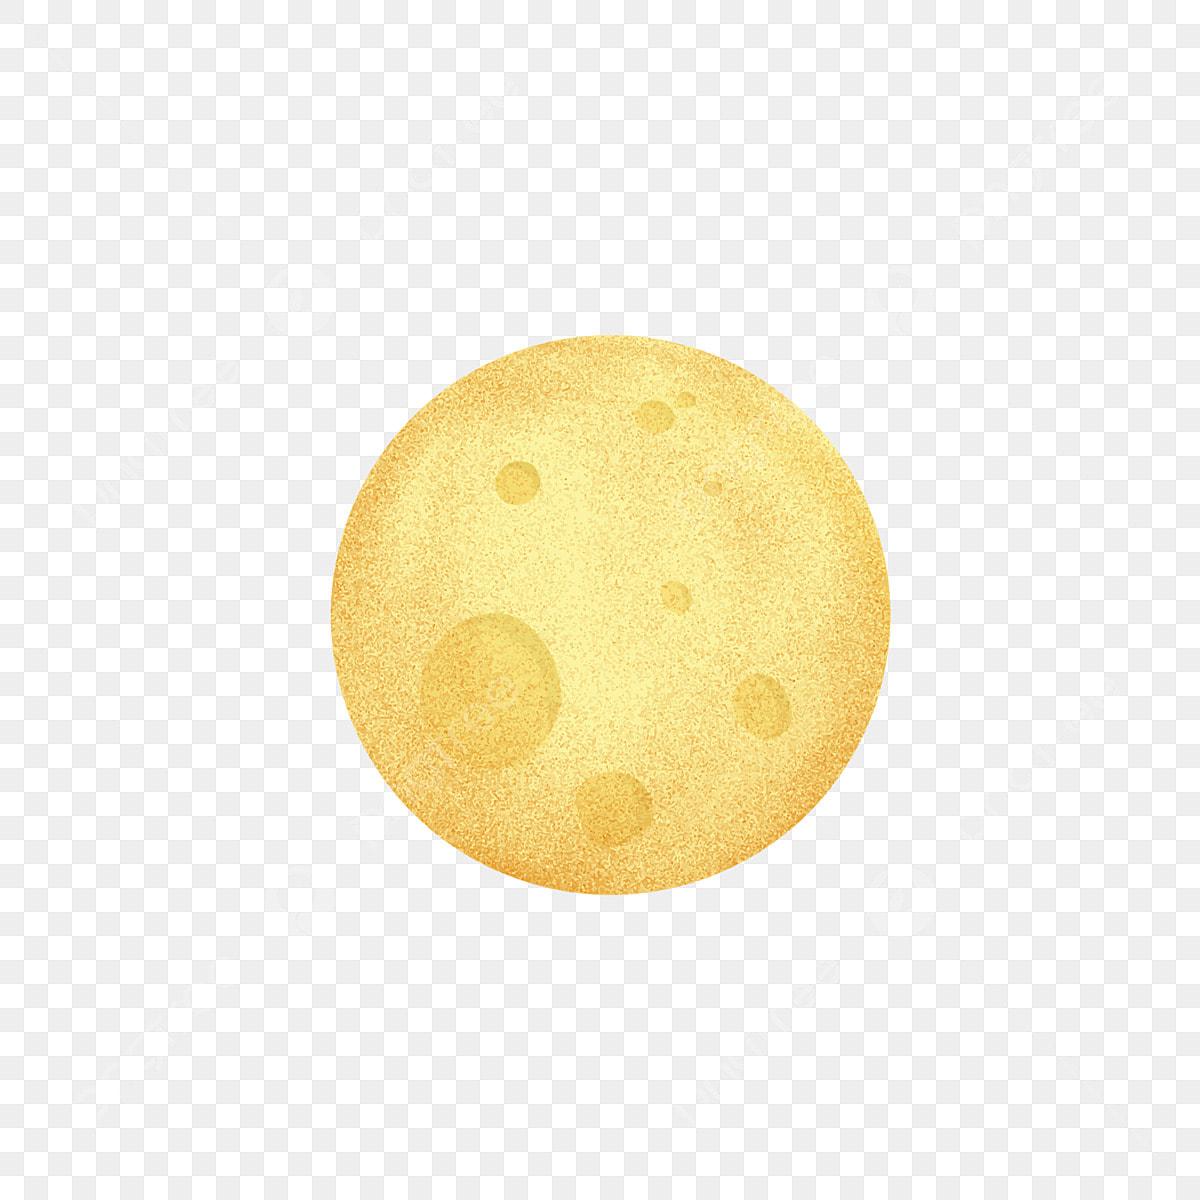 Desenho De Lua Desenho De Lua Linda Lua A Lua Arquivo Png E Psd